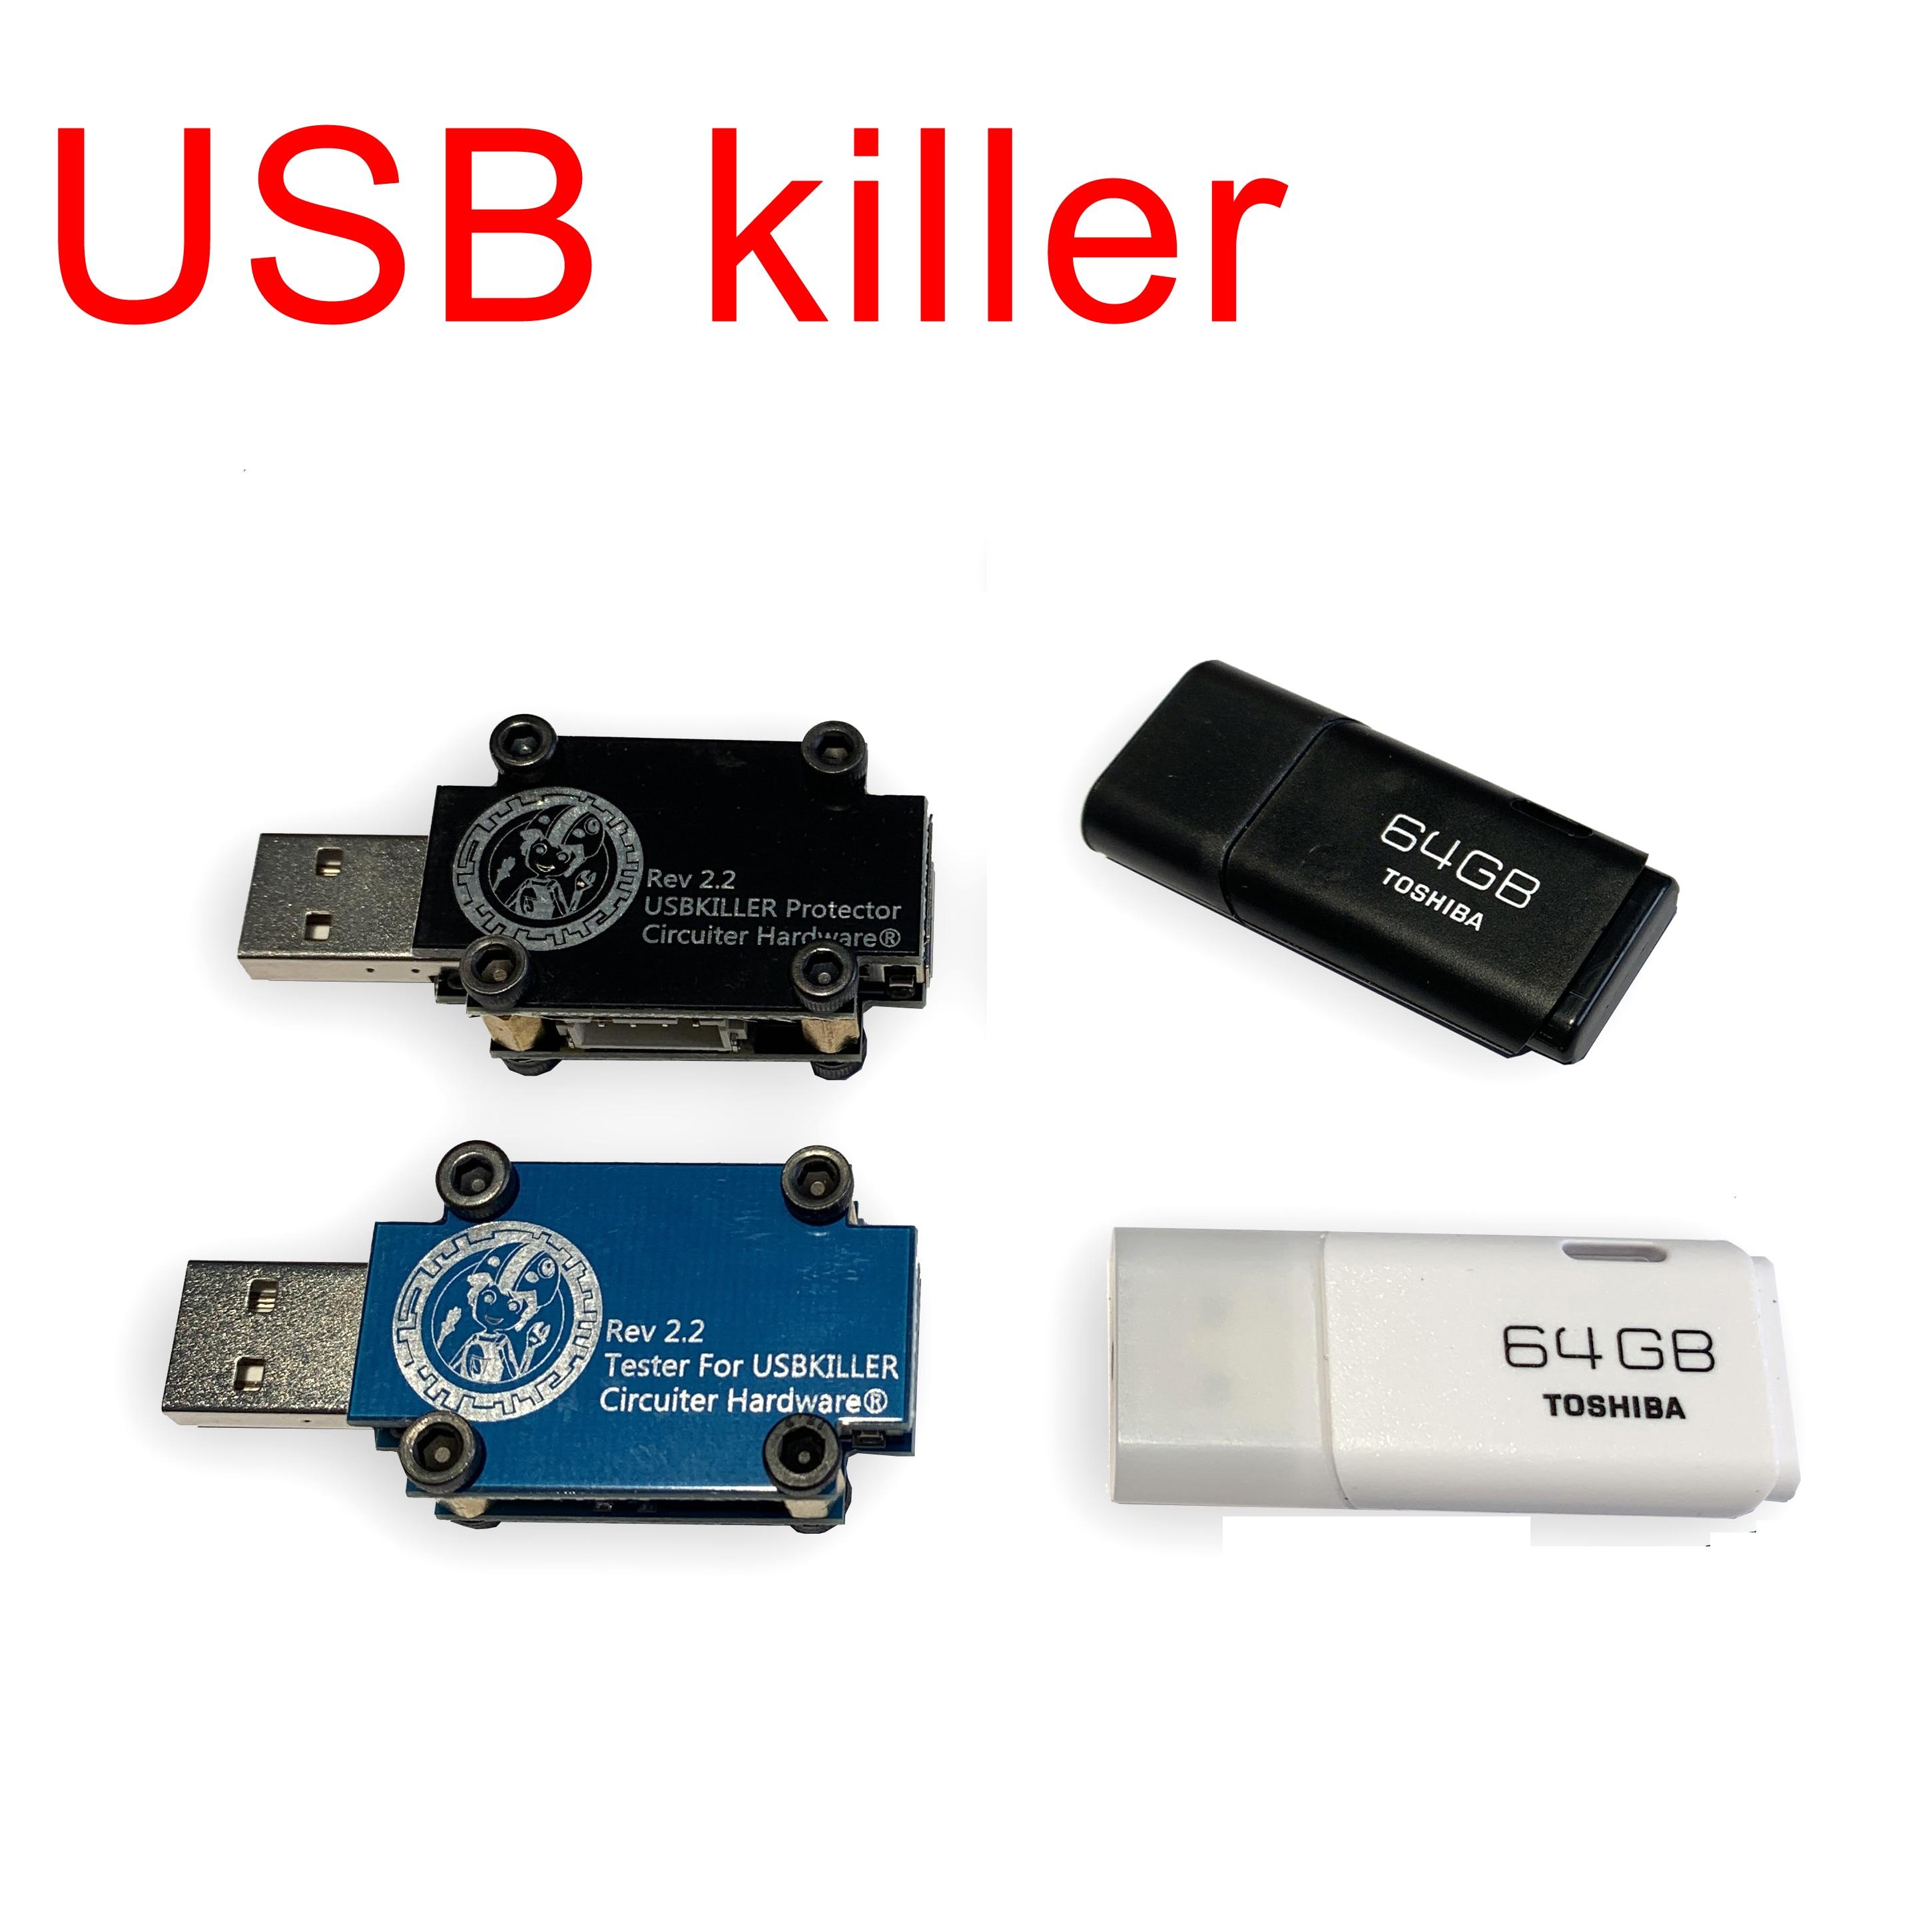 Placa mãe usbkiller v3, placa mãe killer u disco de alta tensão gerador/usb killer testador/usb killer protetor